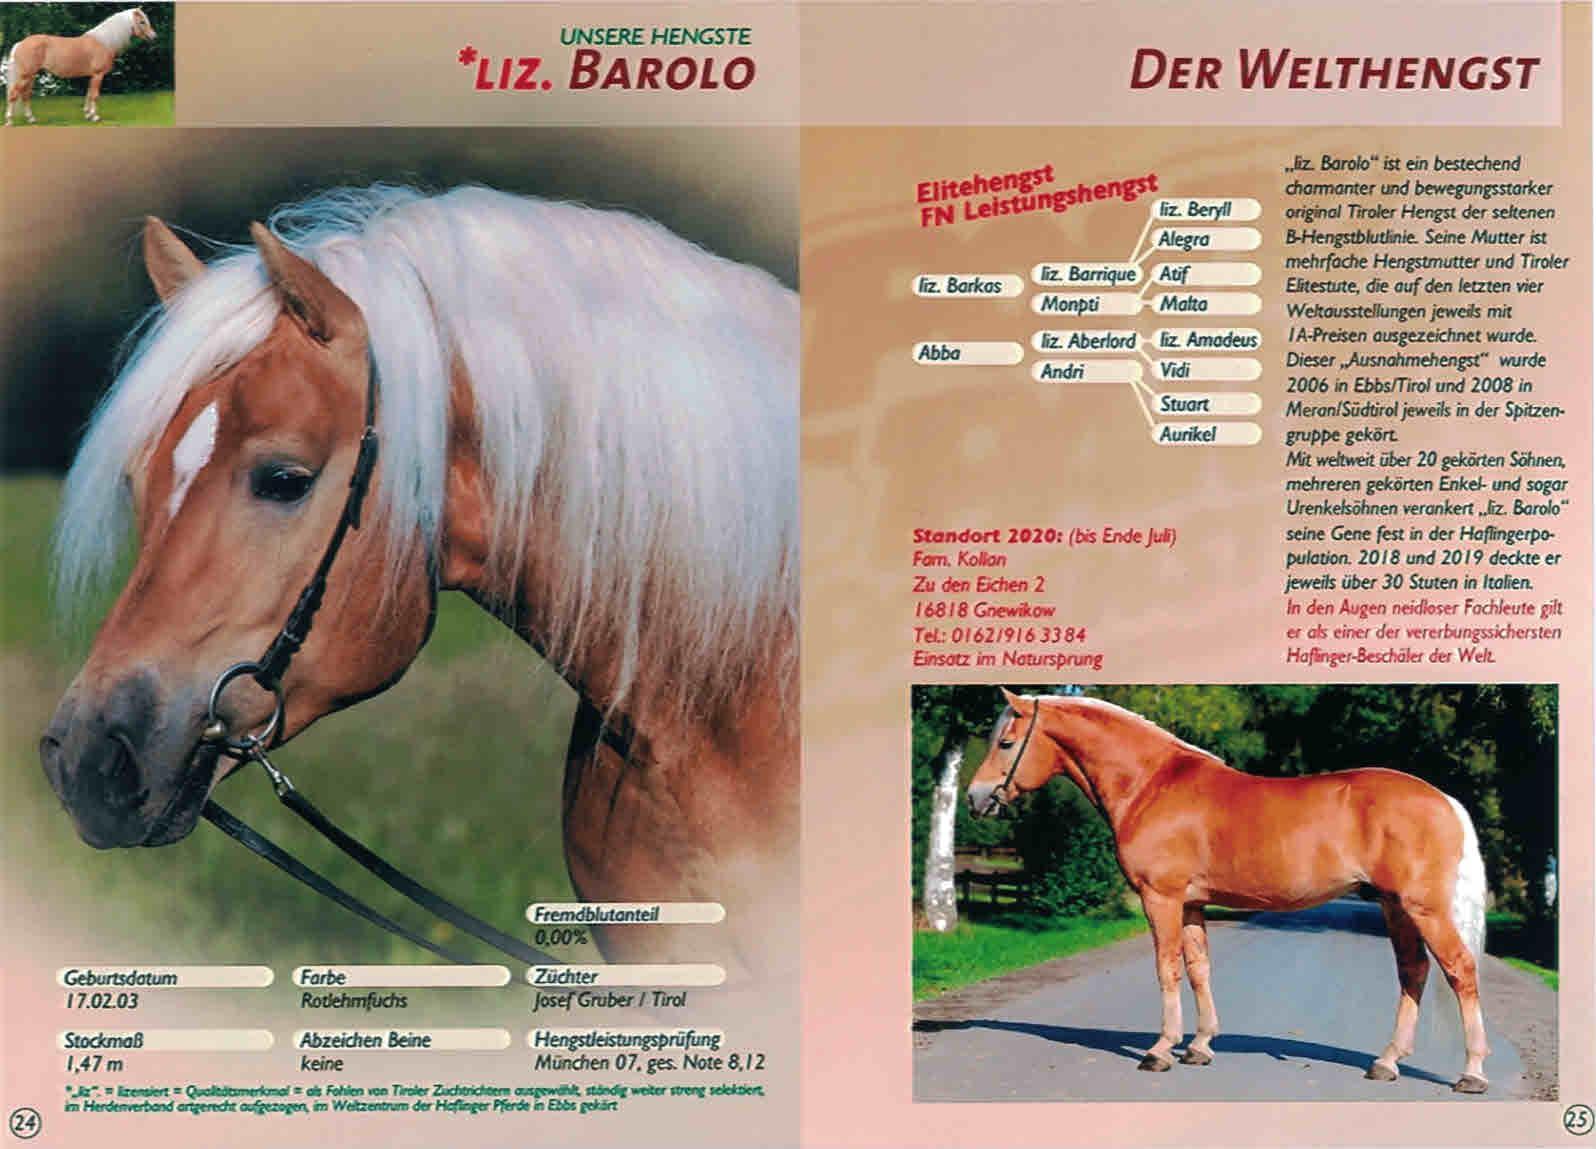 Welthengst Liz. Barolo